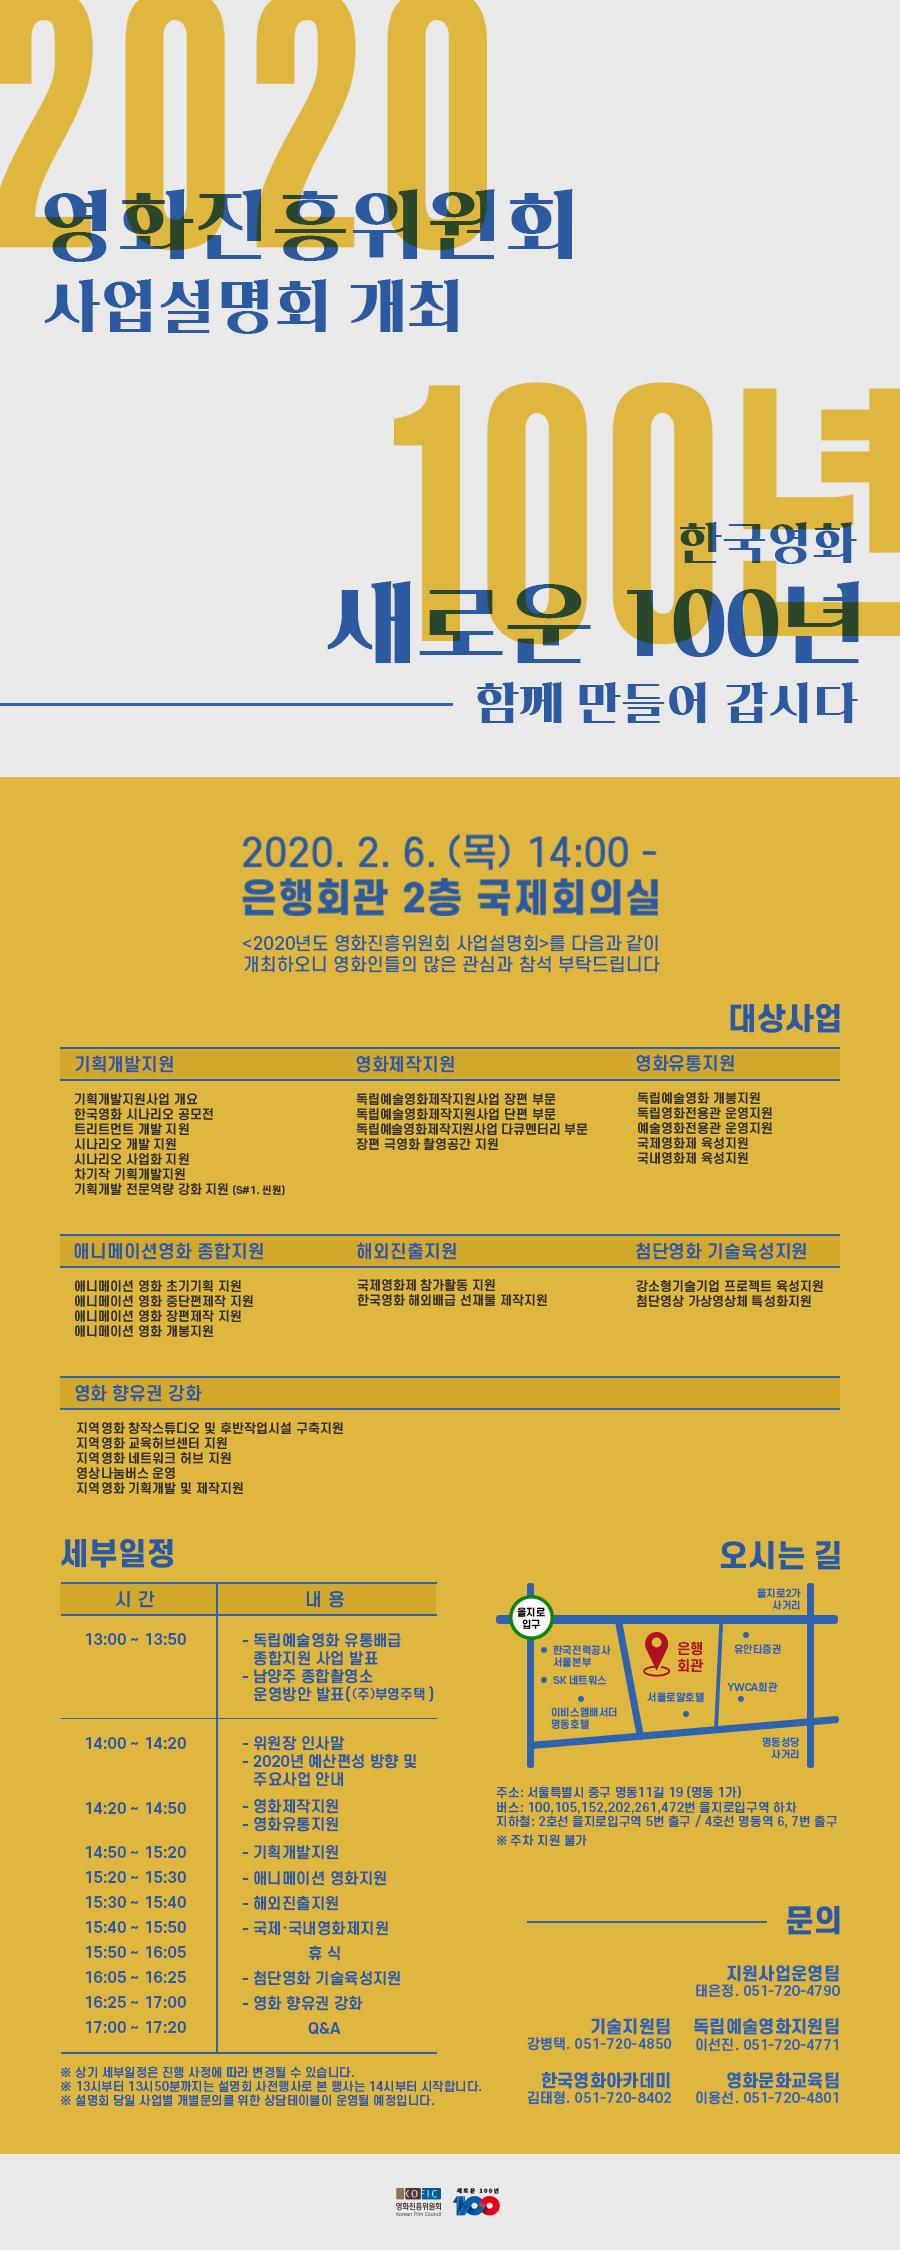 2020년_영화진흥위원회_사업설명회_웹배너.png